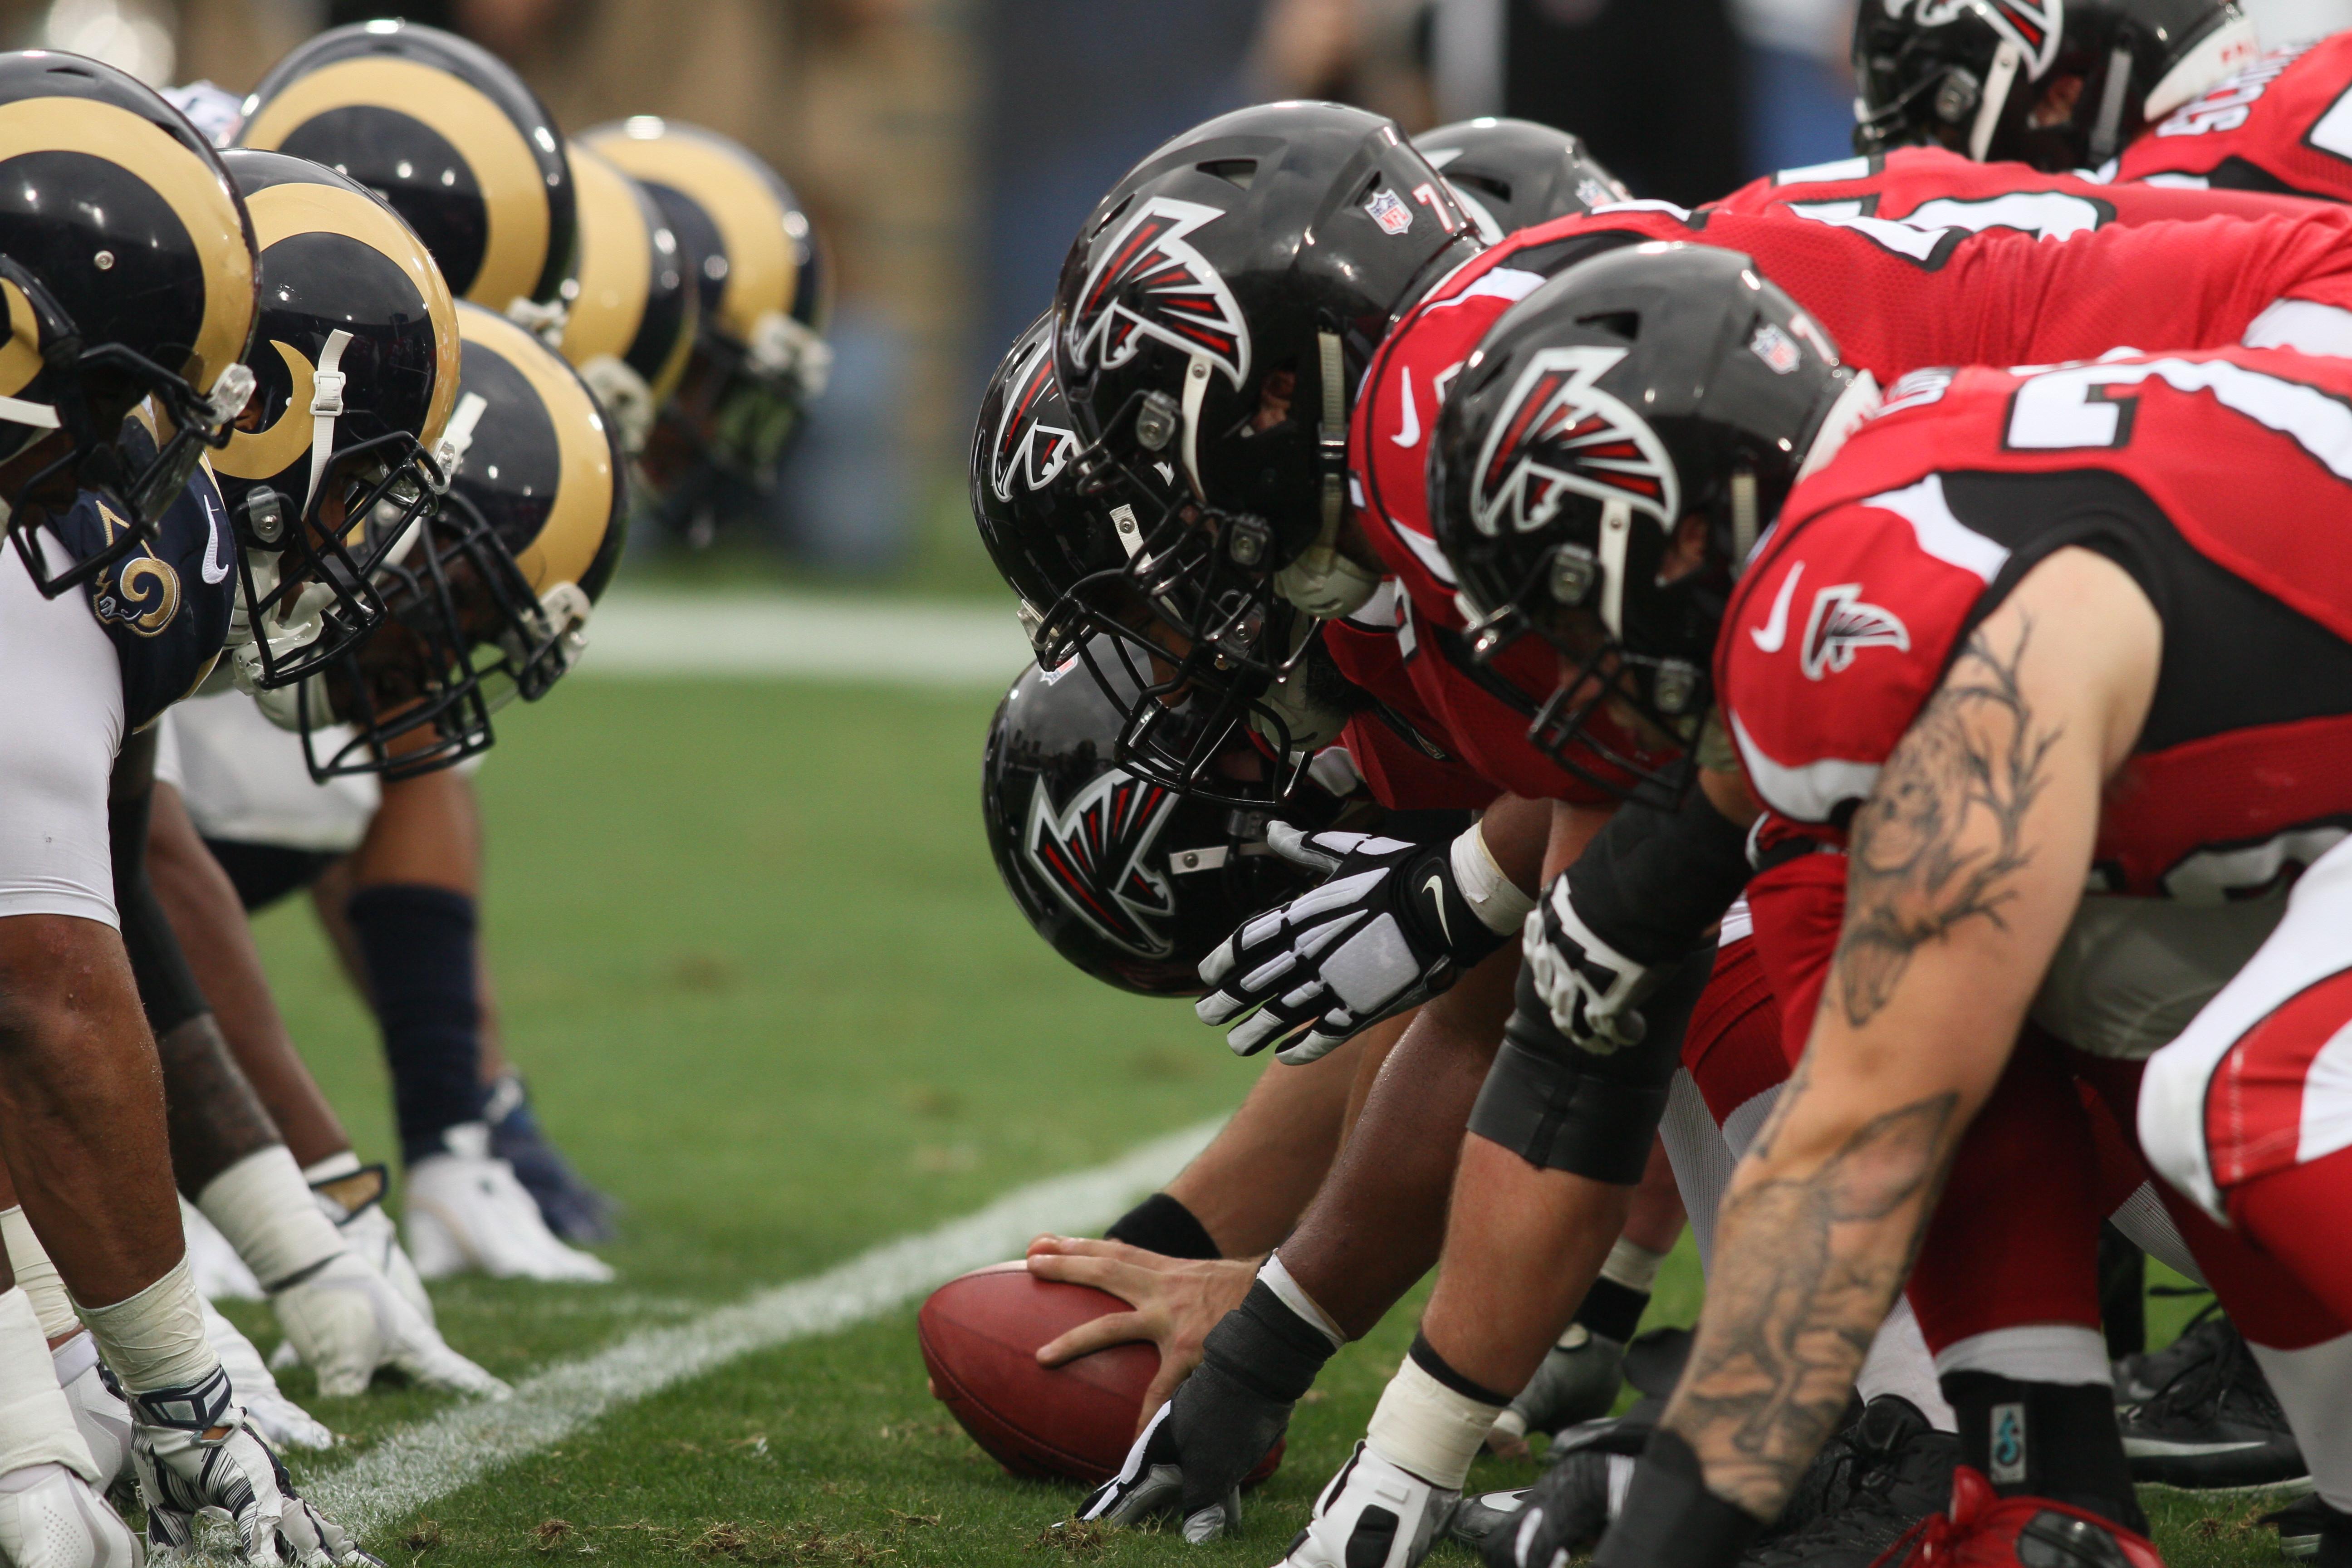 NFL: DEC 11 Falcons at Rams